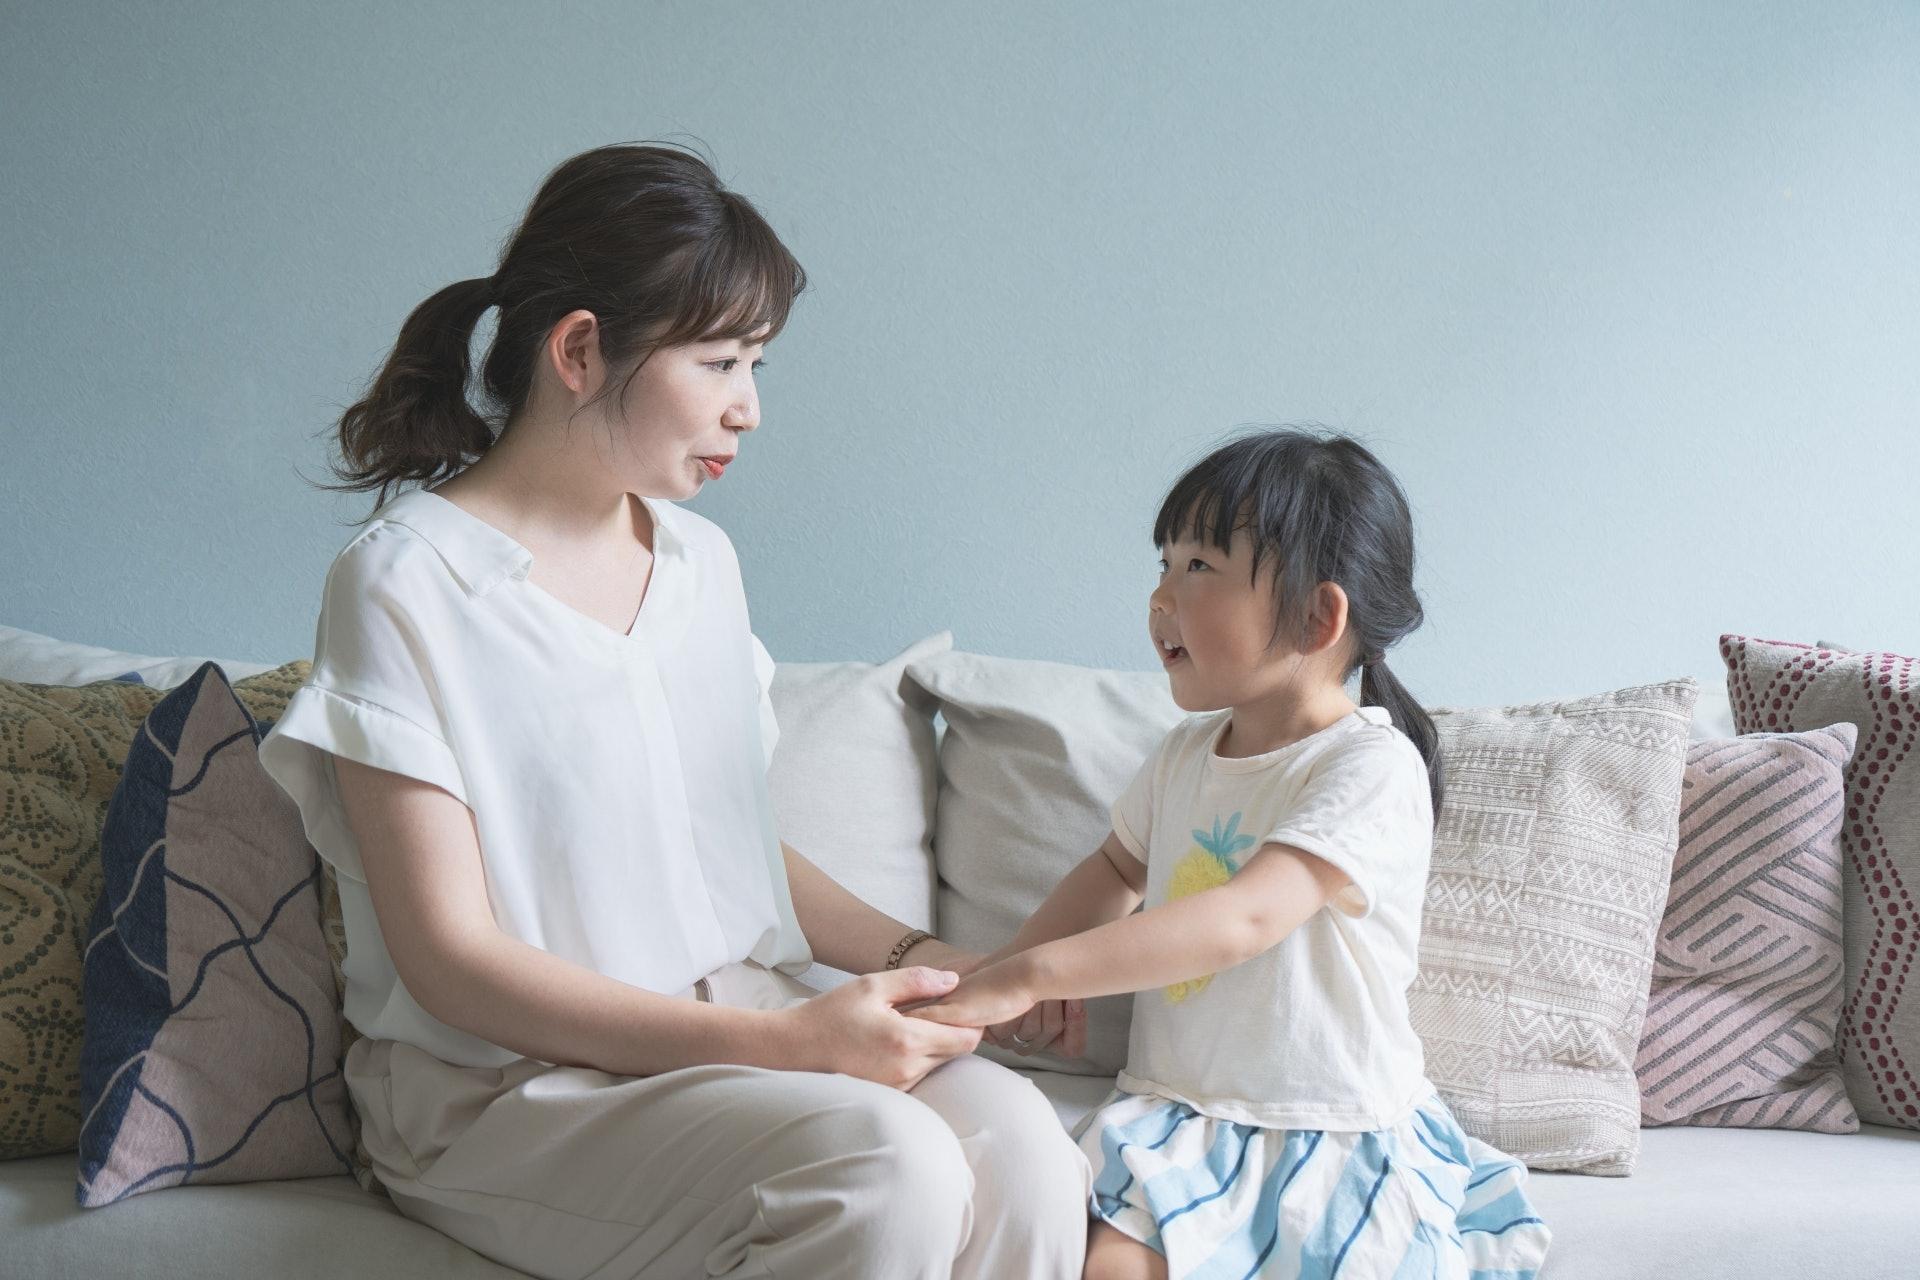 疫情下媽媽們需要擔心、處理的事情倍增。(資料圖片)